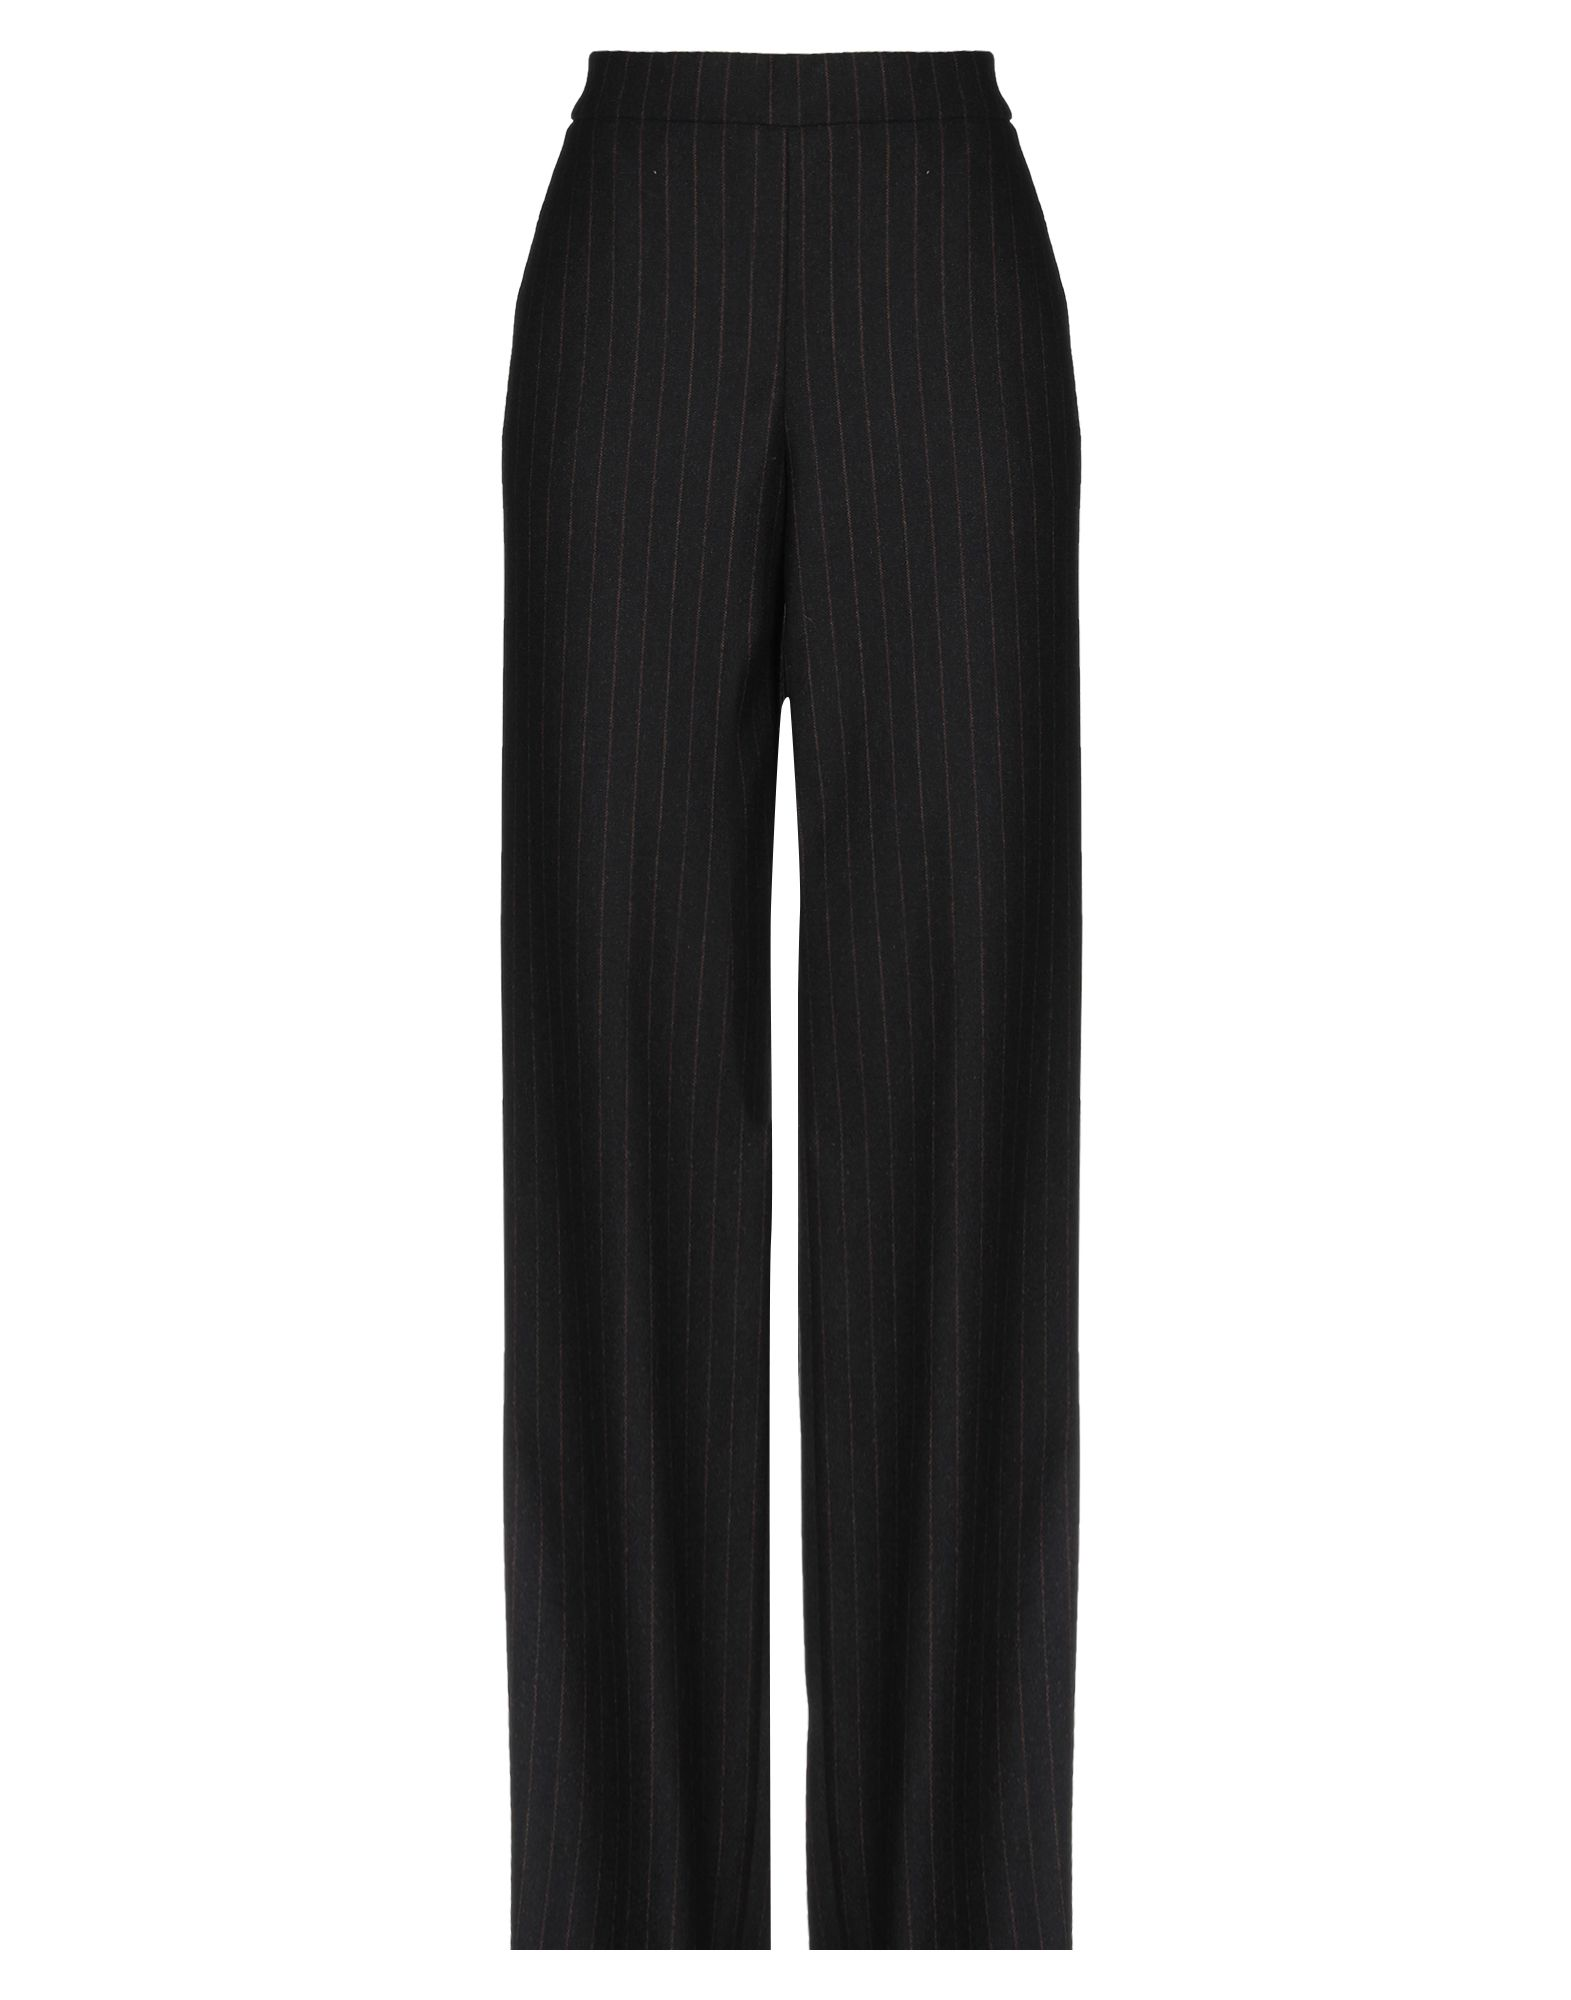 Pantalone rossopuro donna donna - 13368660IP  garantiert